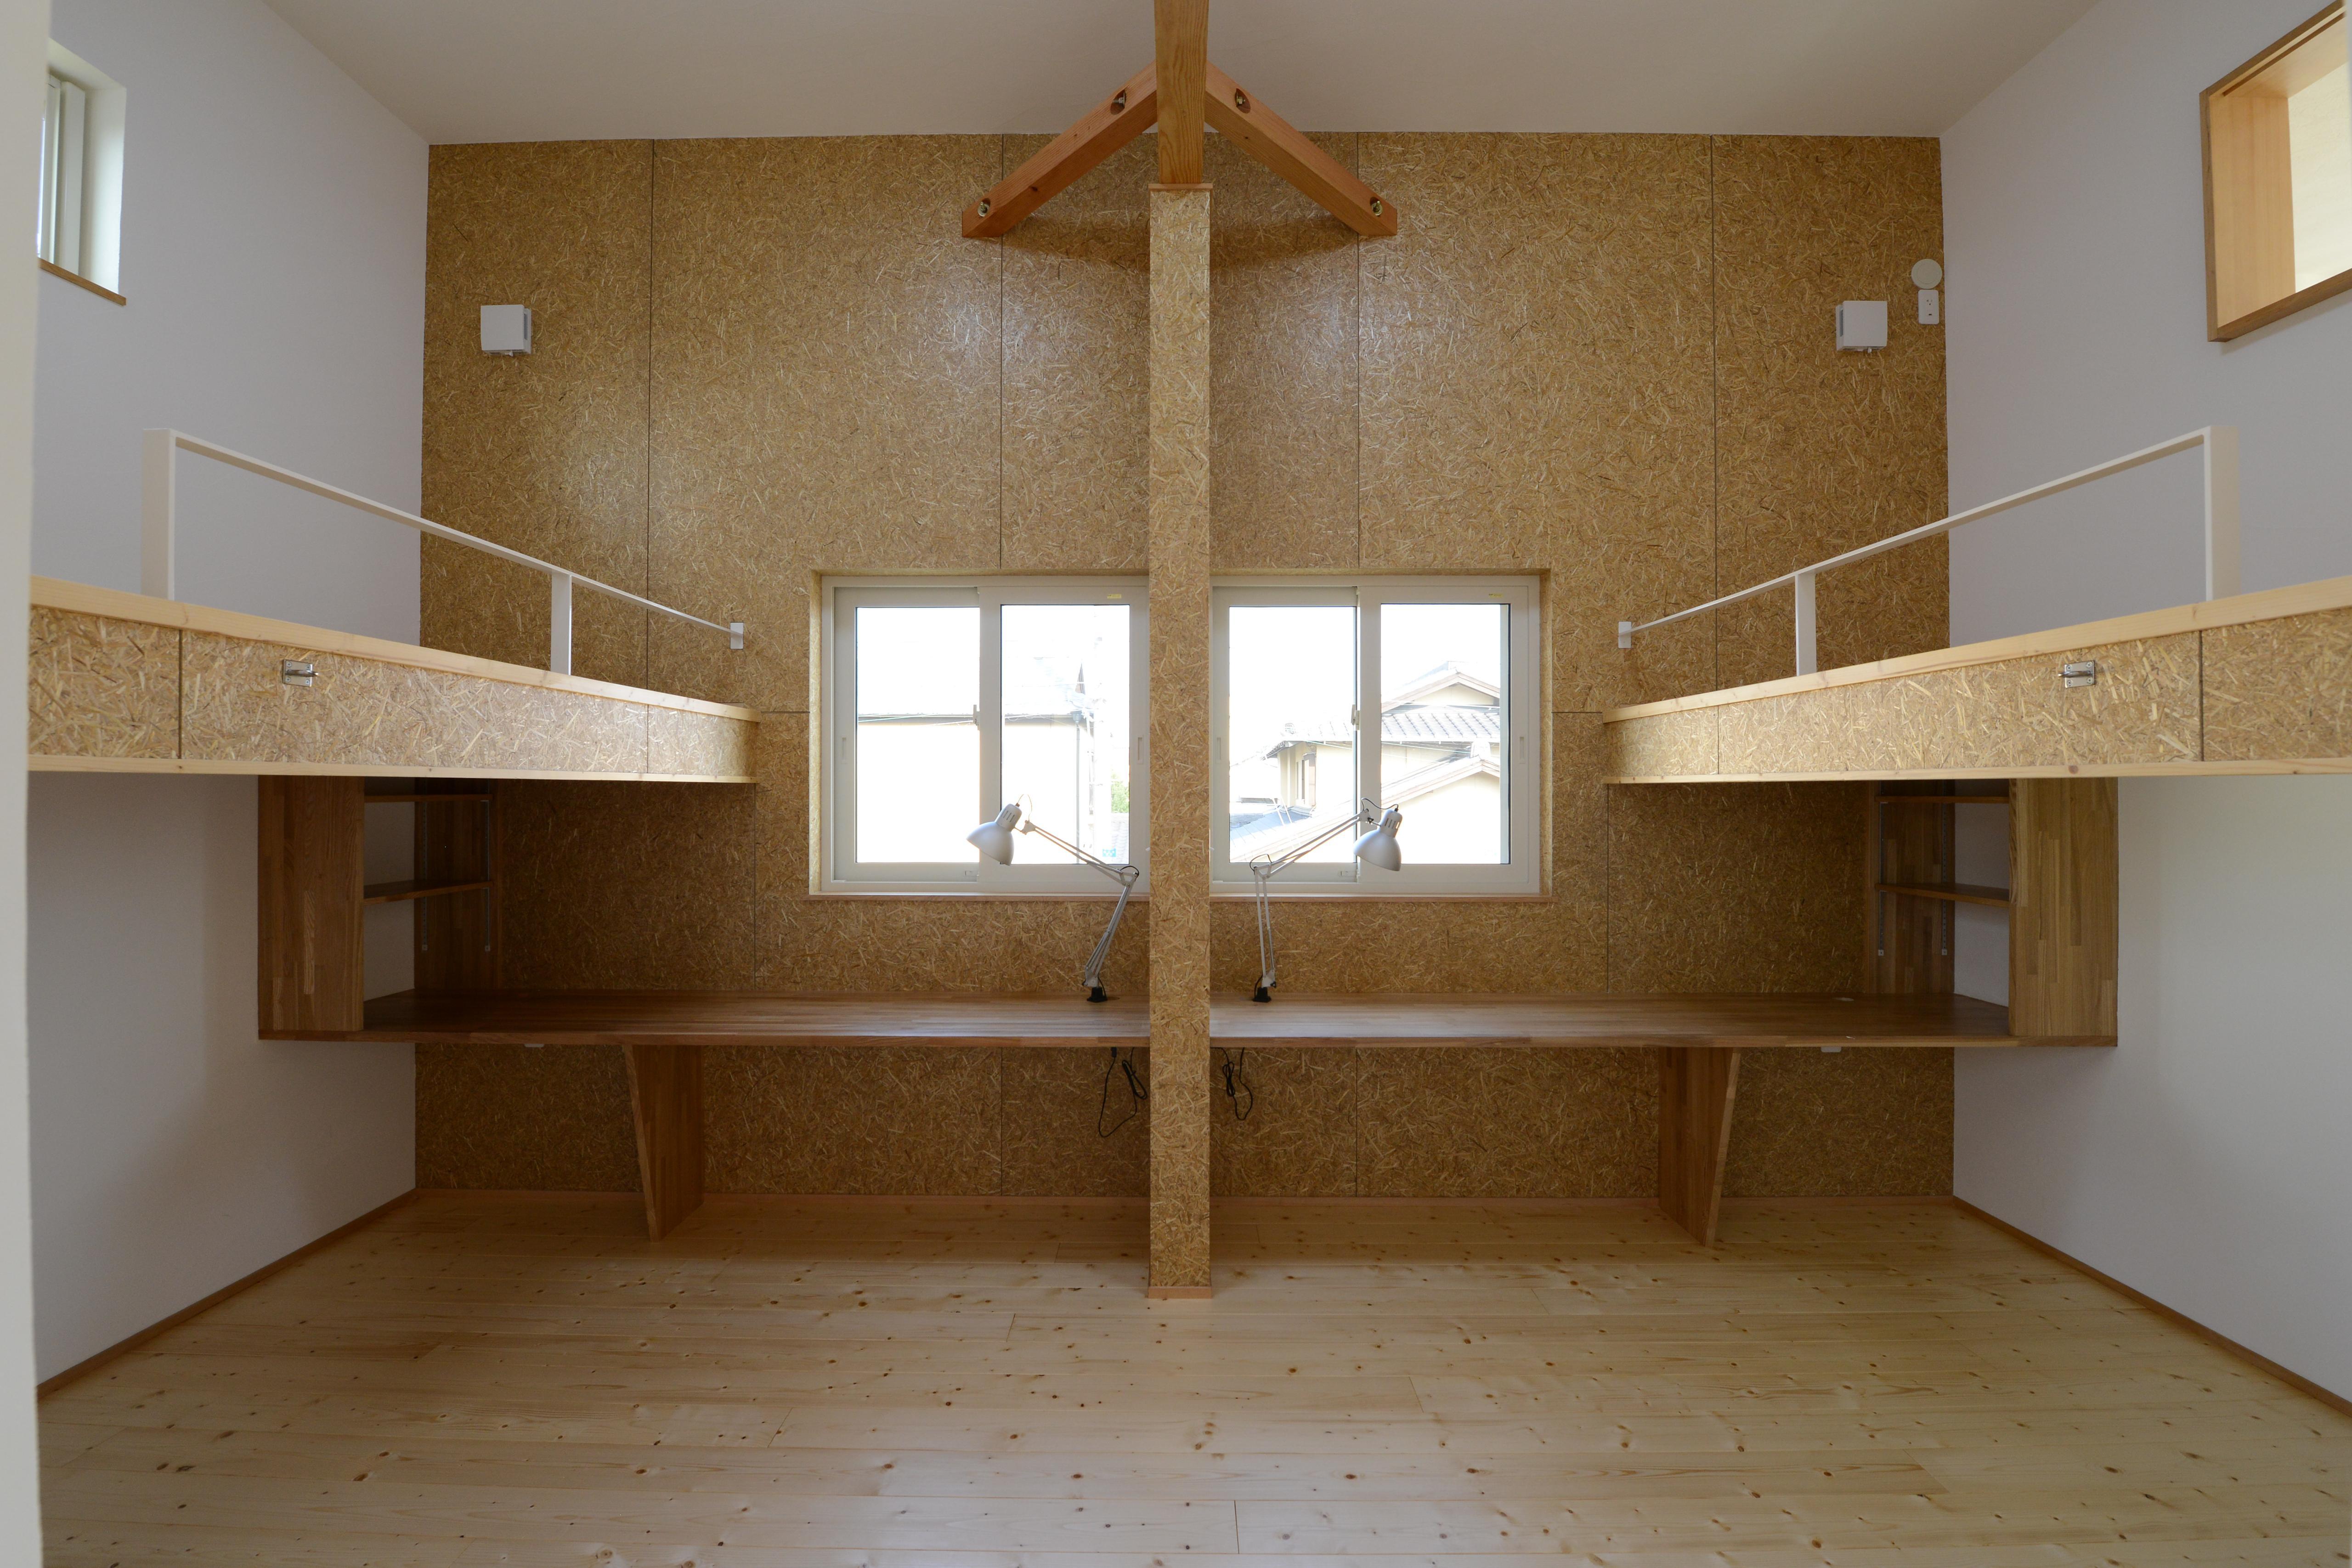 子供部屋事例:子供部屋(刈谷市の家3)